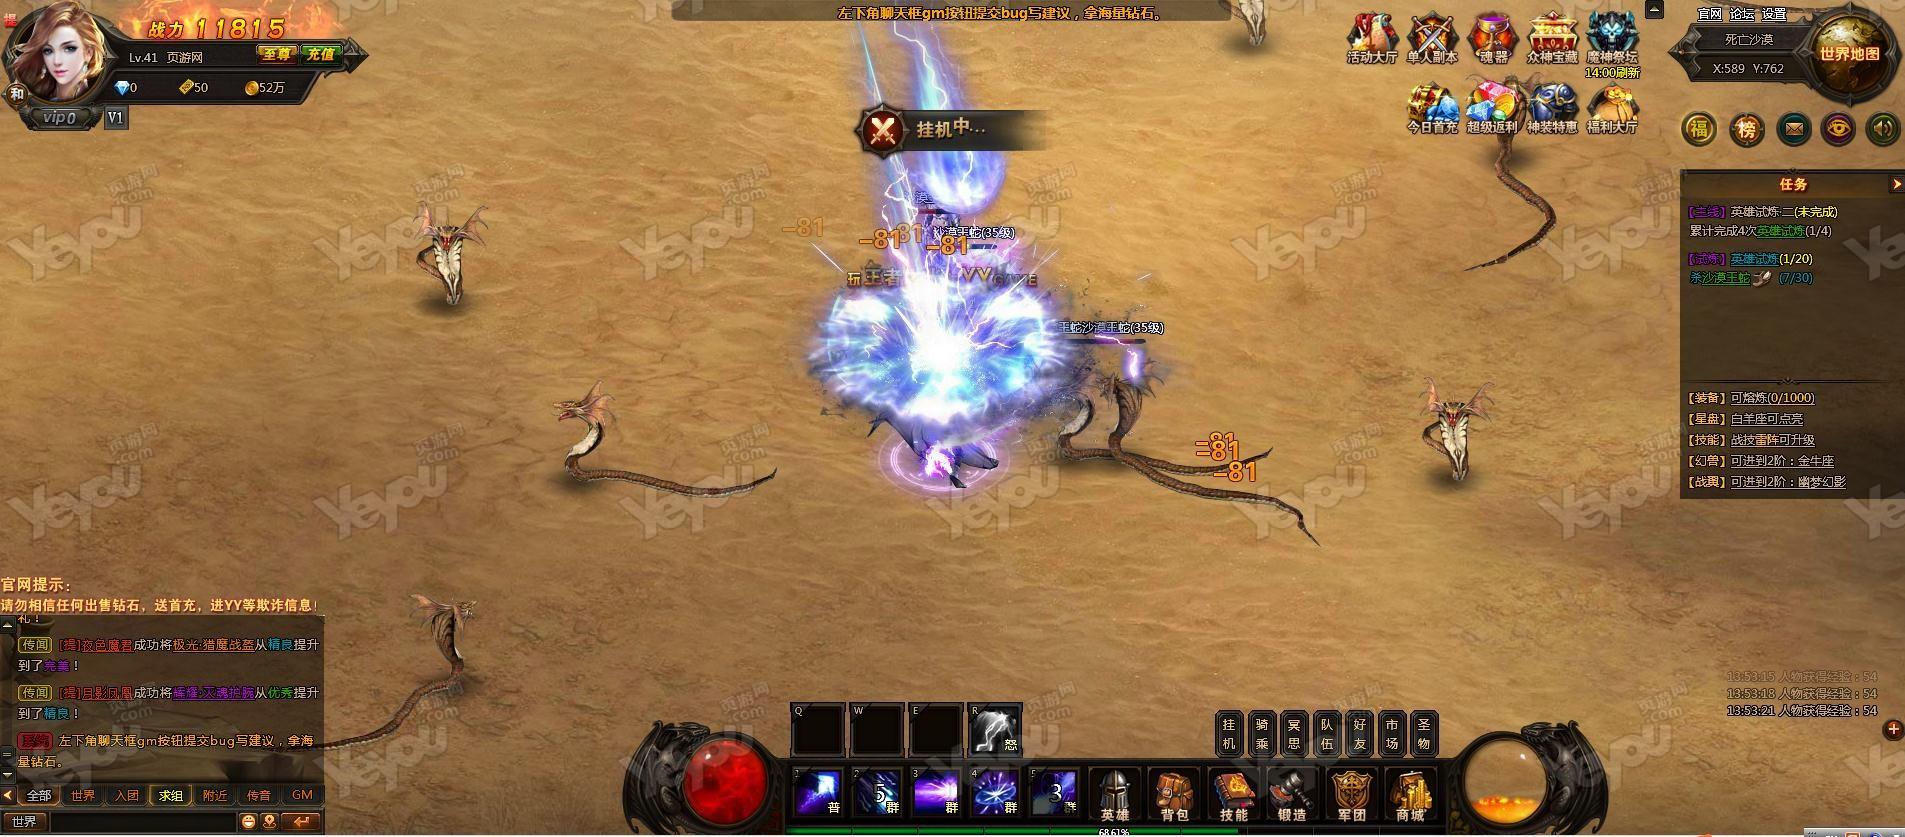 暗黑魔幻动作页游《王者之光》游戏截图